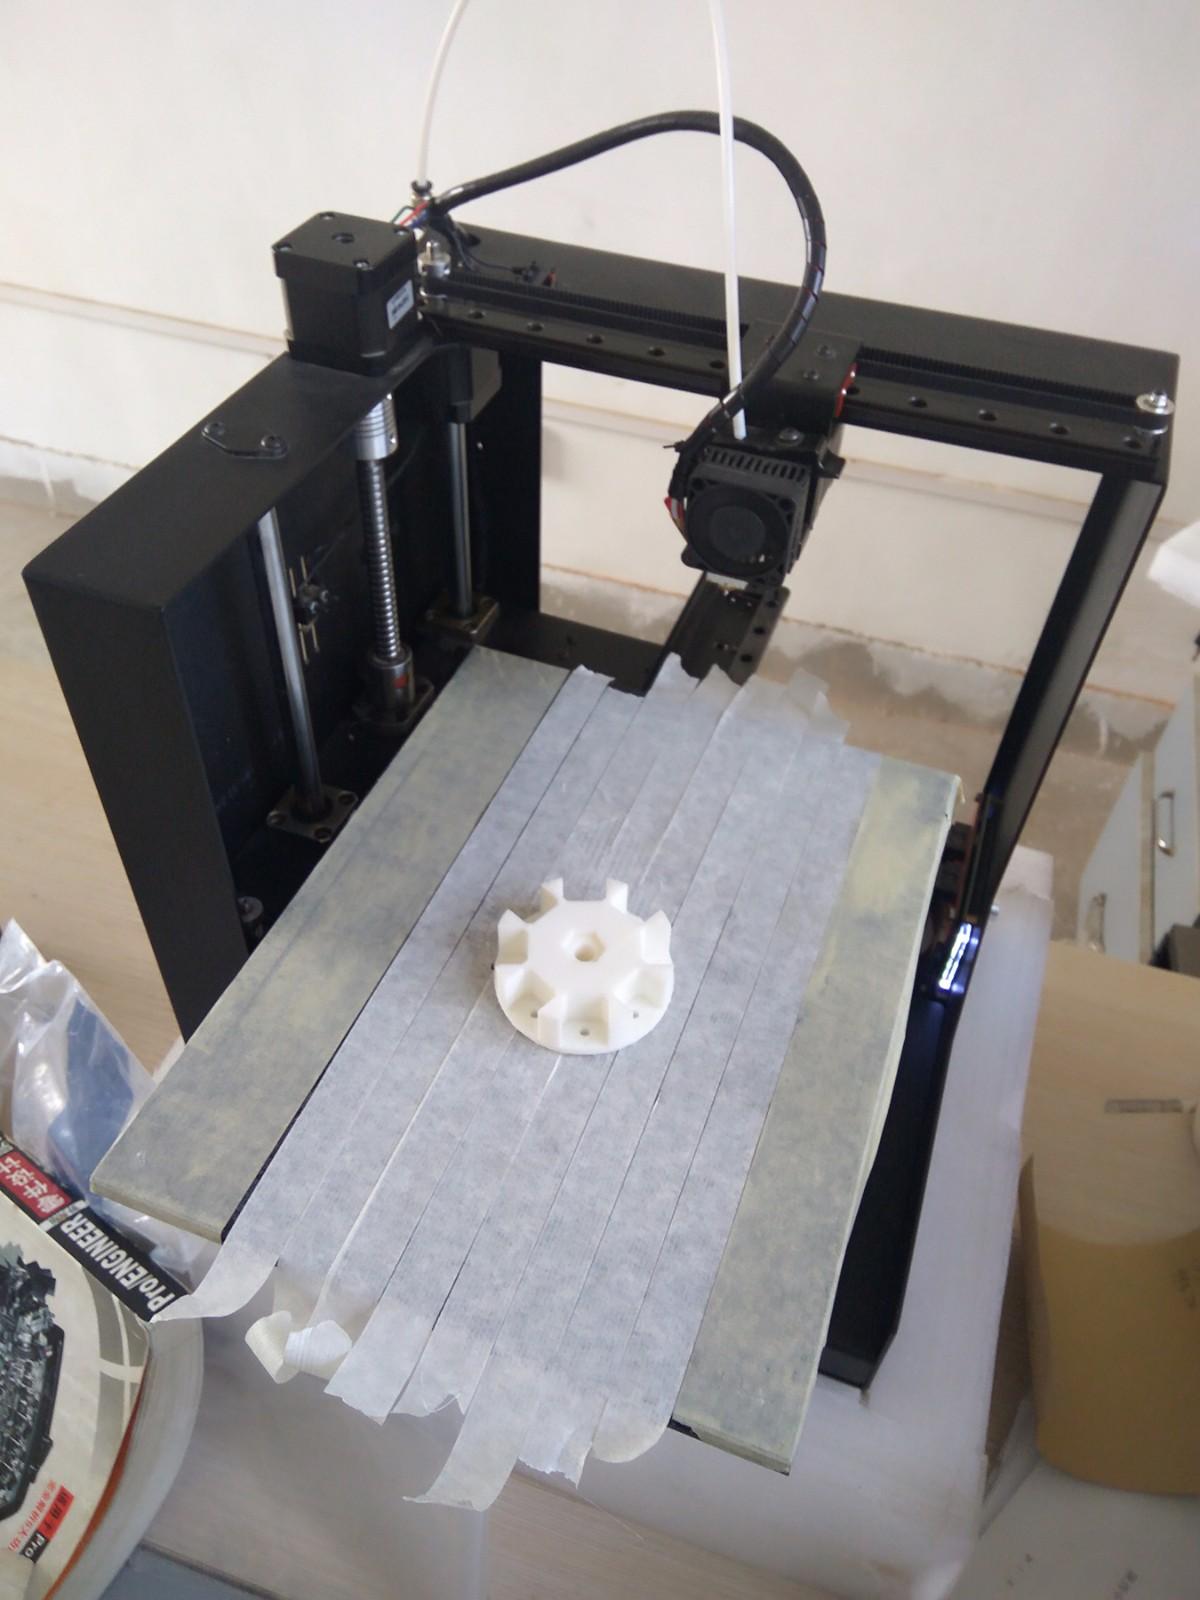 惠普押注3D打印技术将改变亚太地区制造业